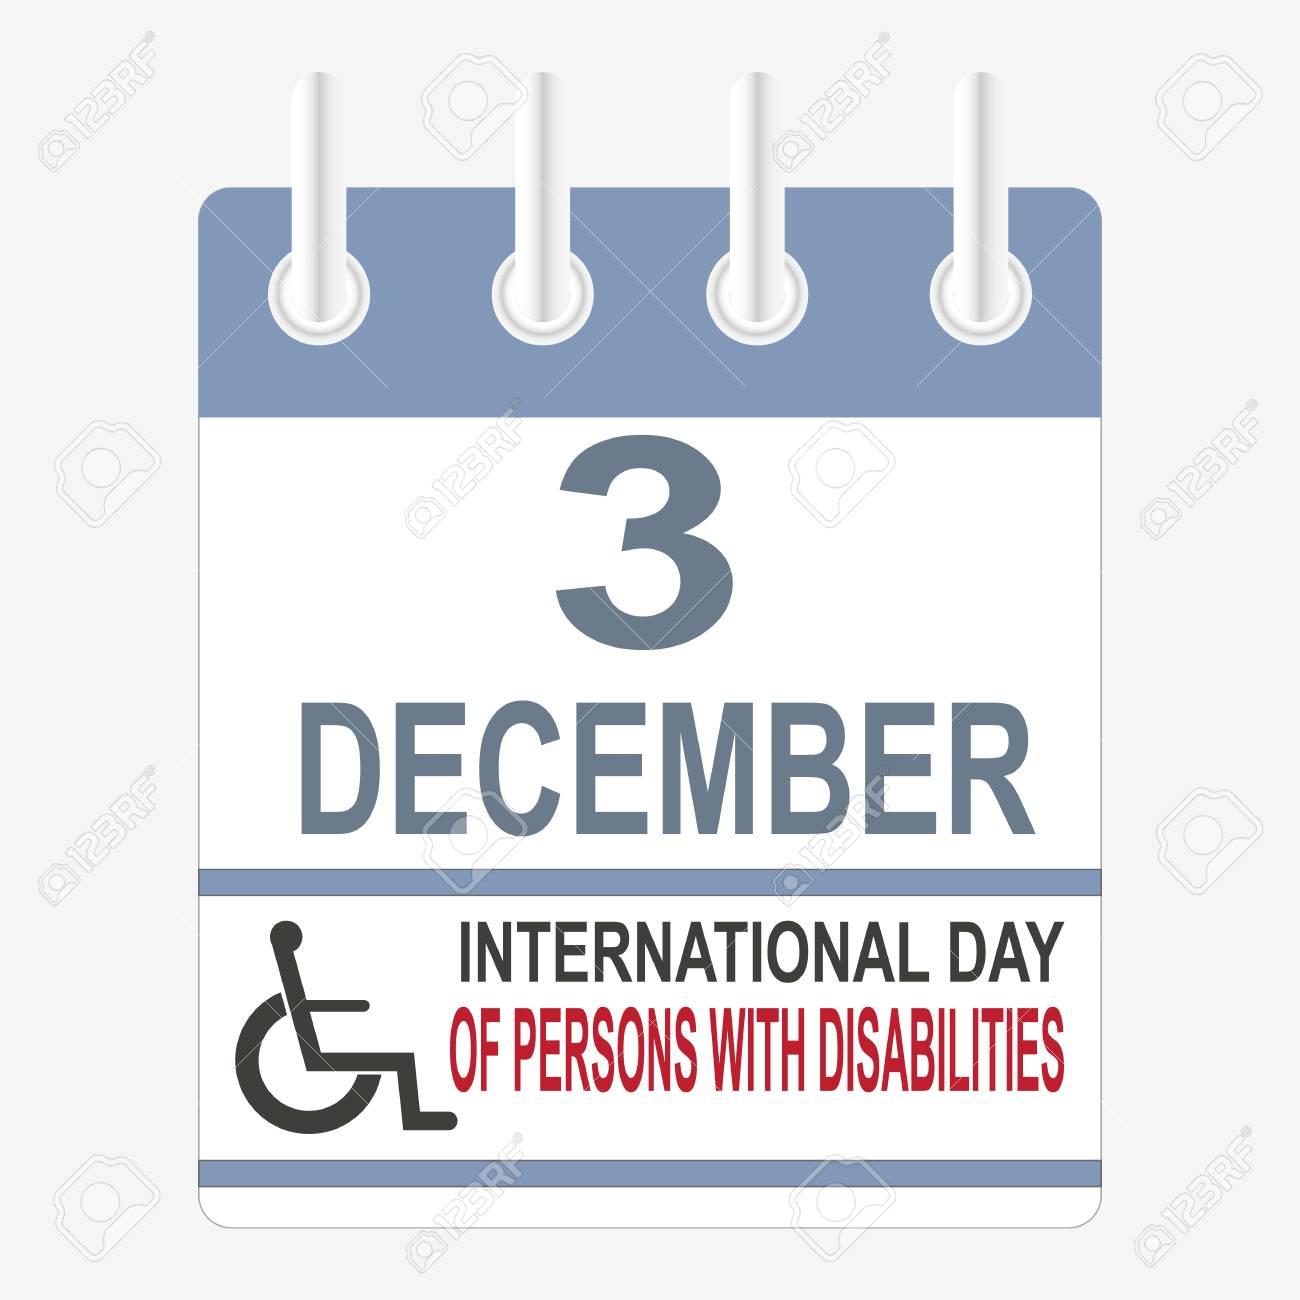 Calendario Internazionale.Giornata Internazionale Delle Persone Con Disabilita 3 Dicembre Calendario